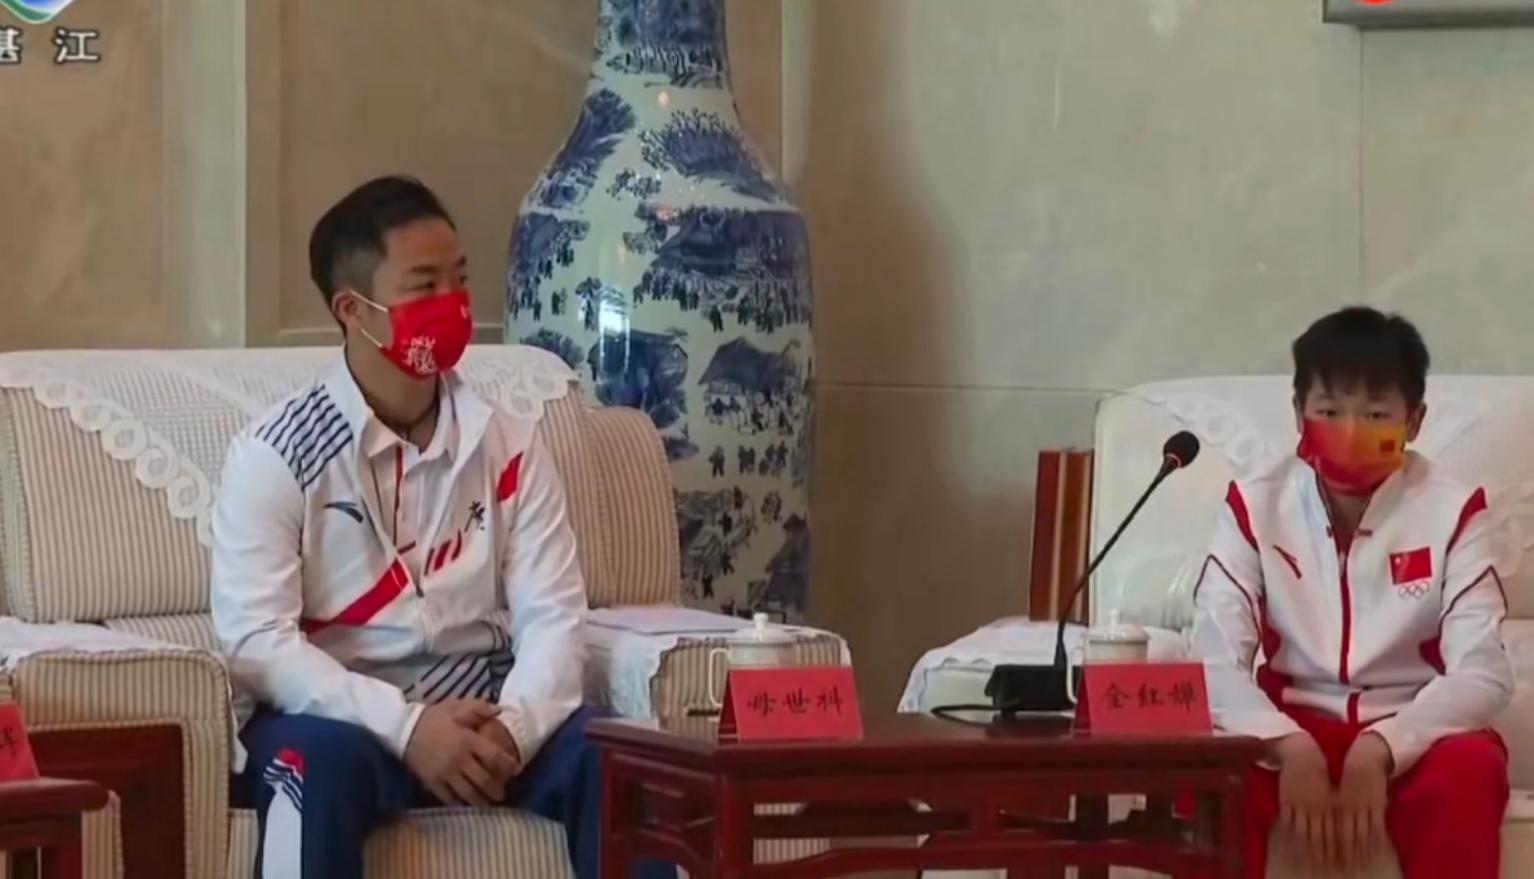 时隔8天终于现身!全红婵被湛江市领导接见,发言高水平合影站C位